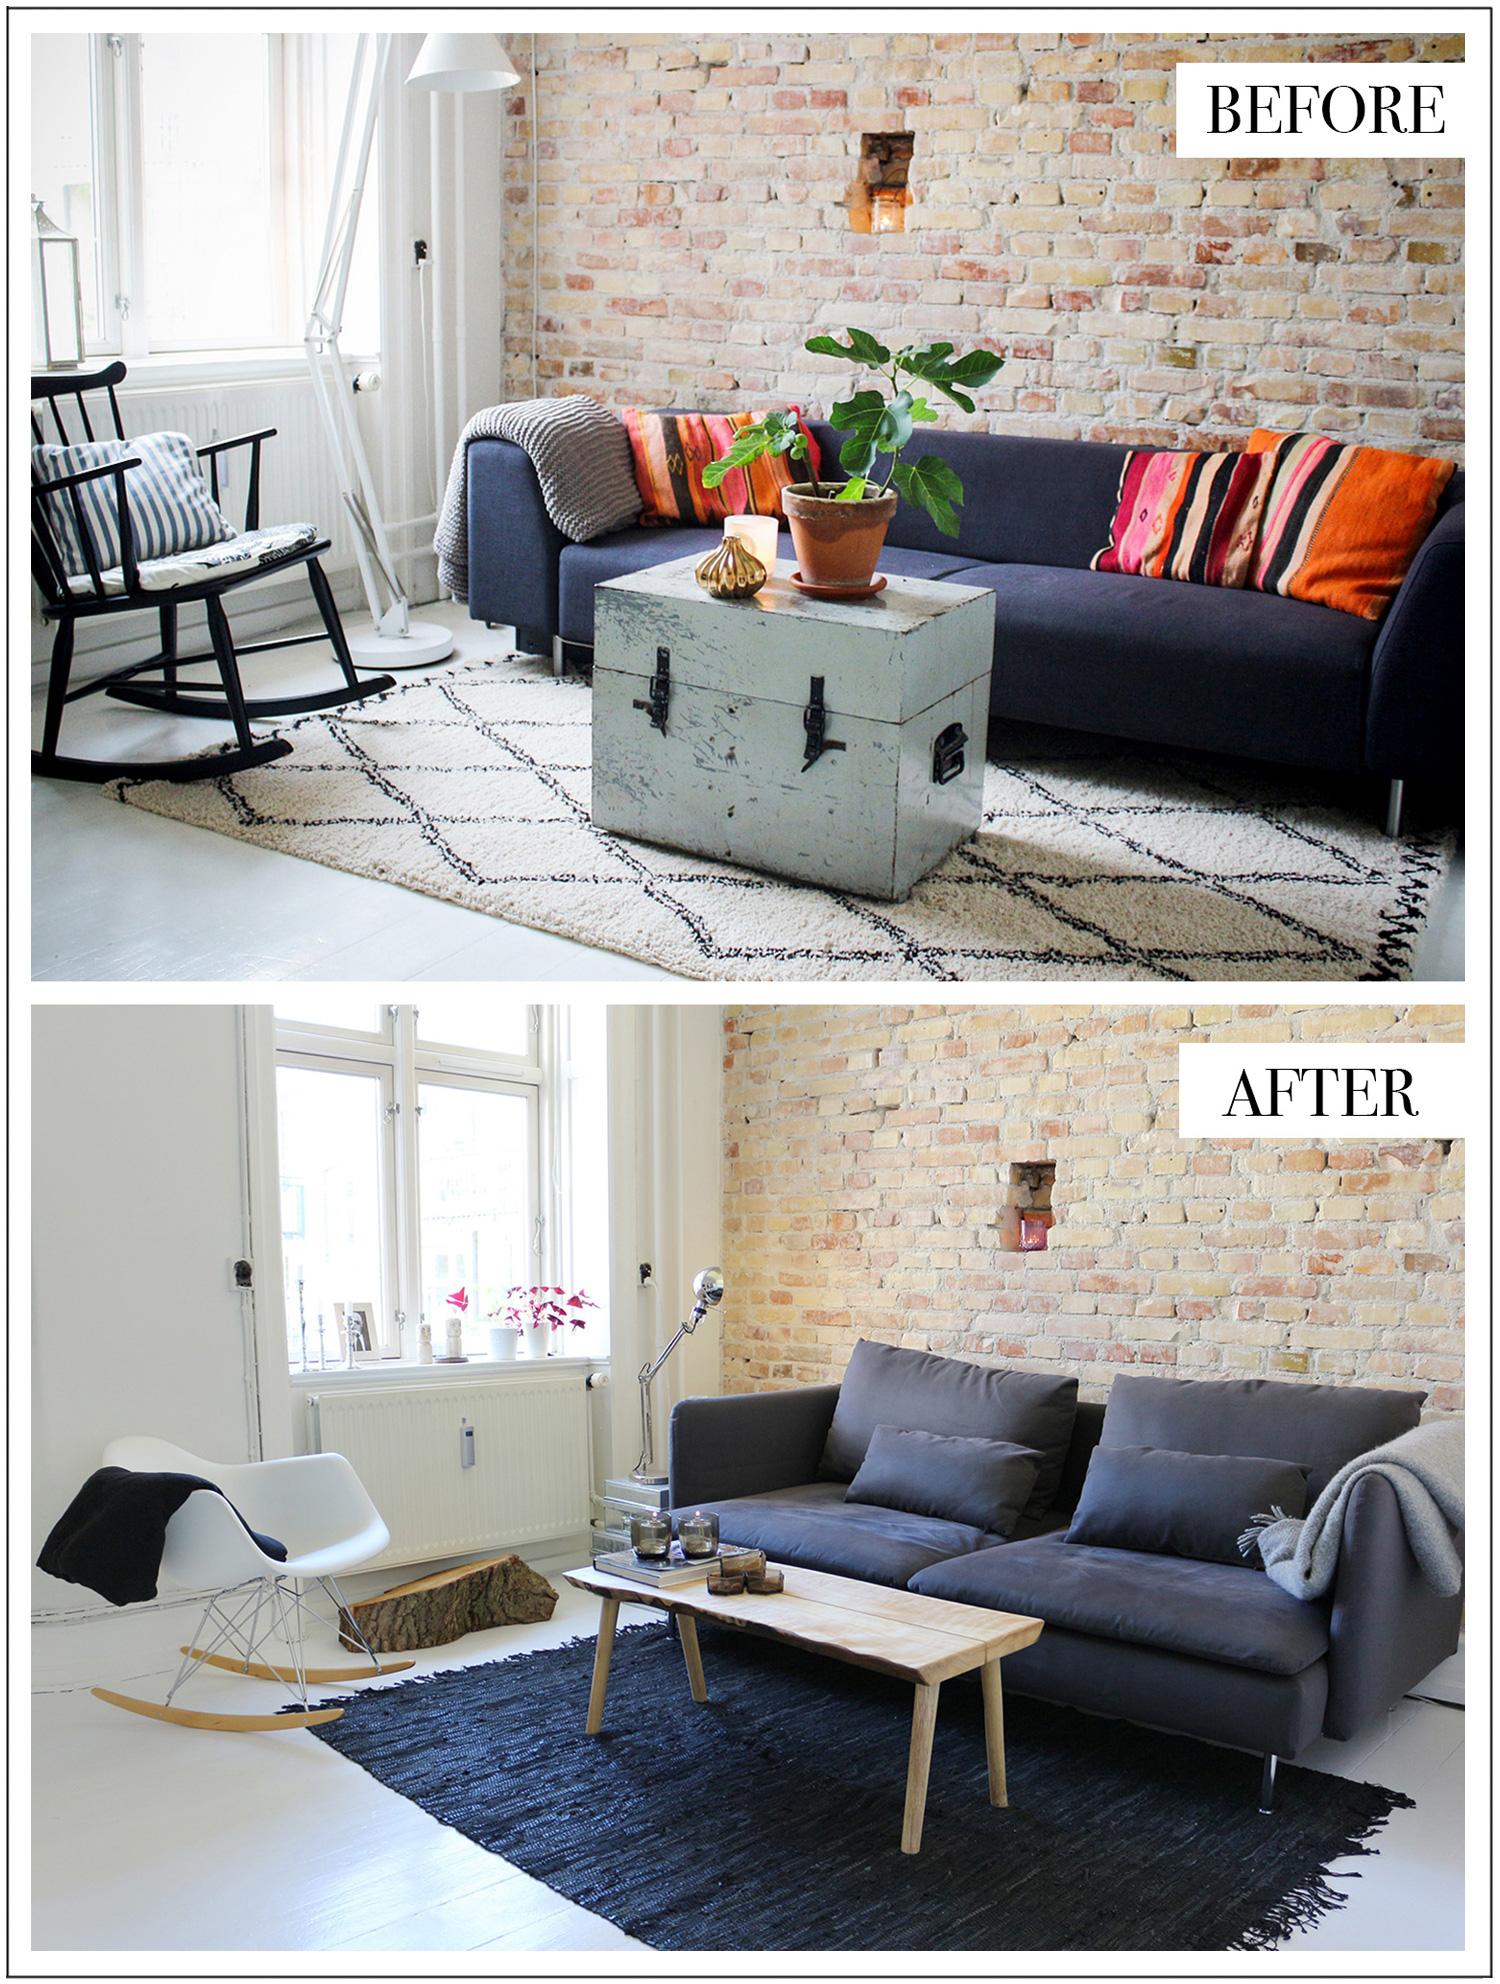 før-og-efter-boligrenovering@2x